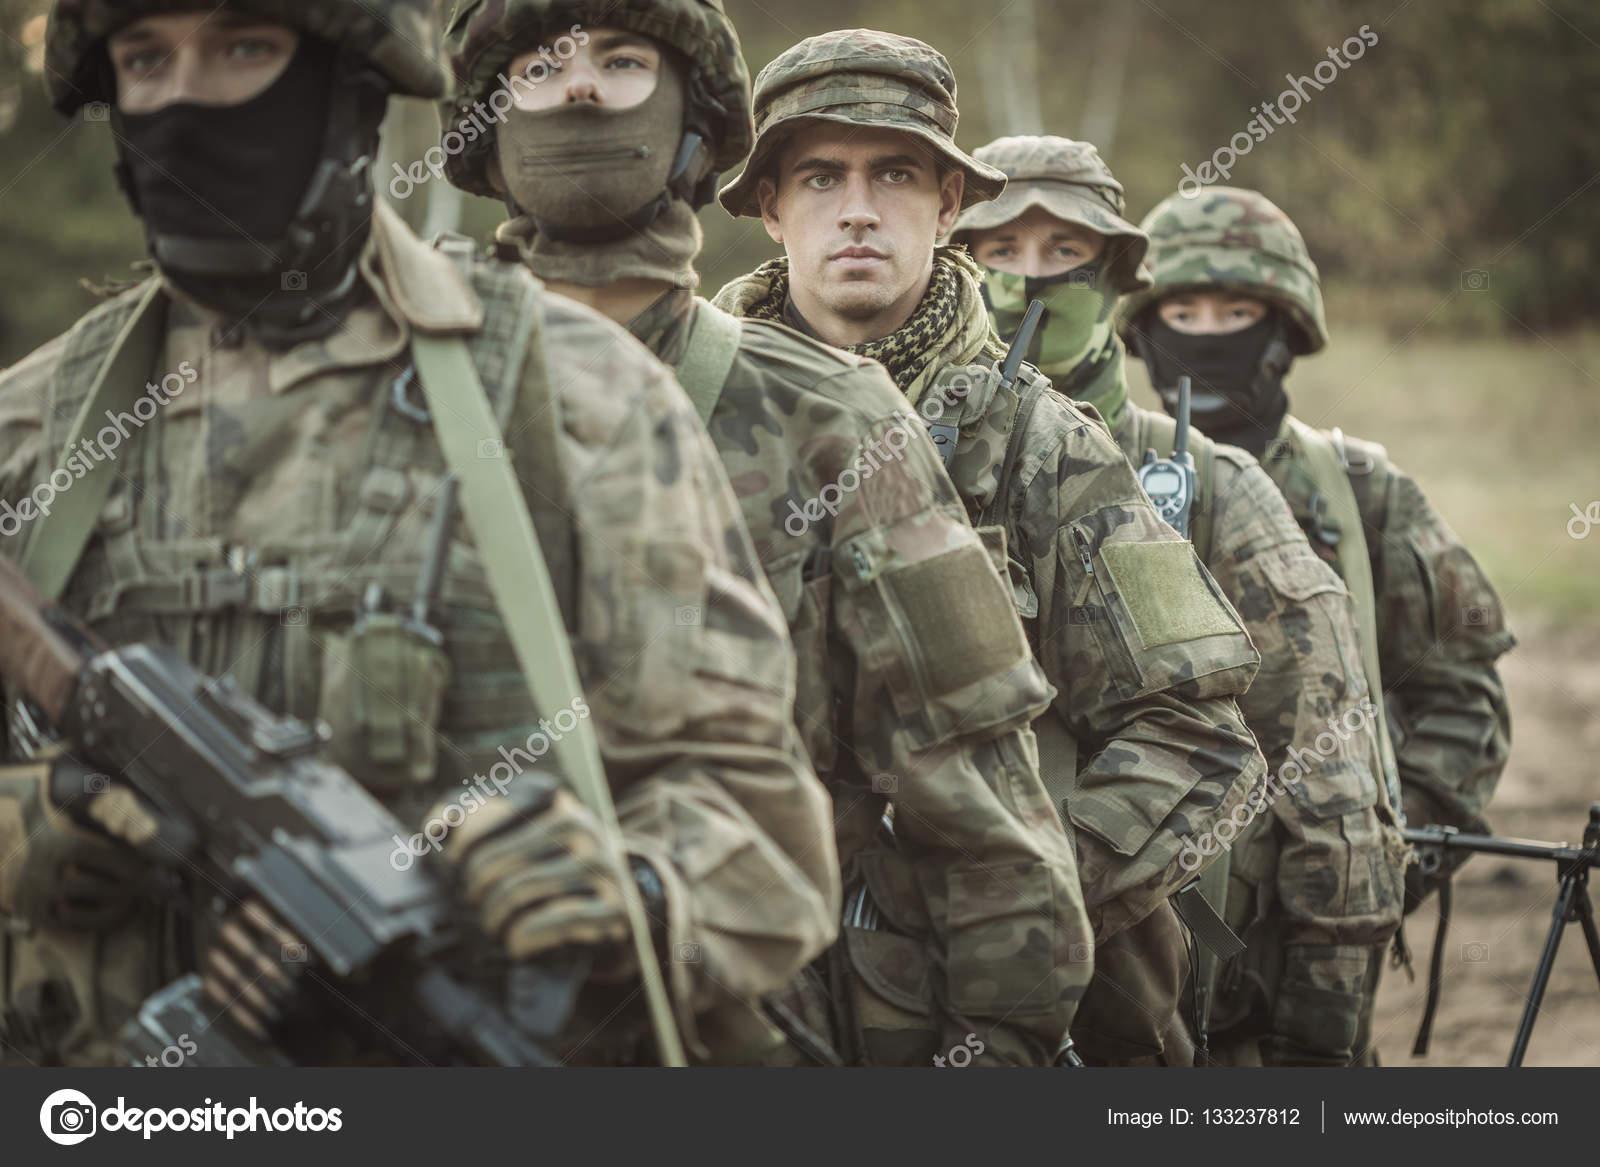 männliche Marinesoldaten